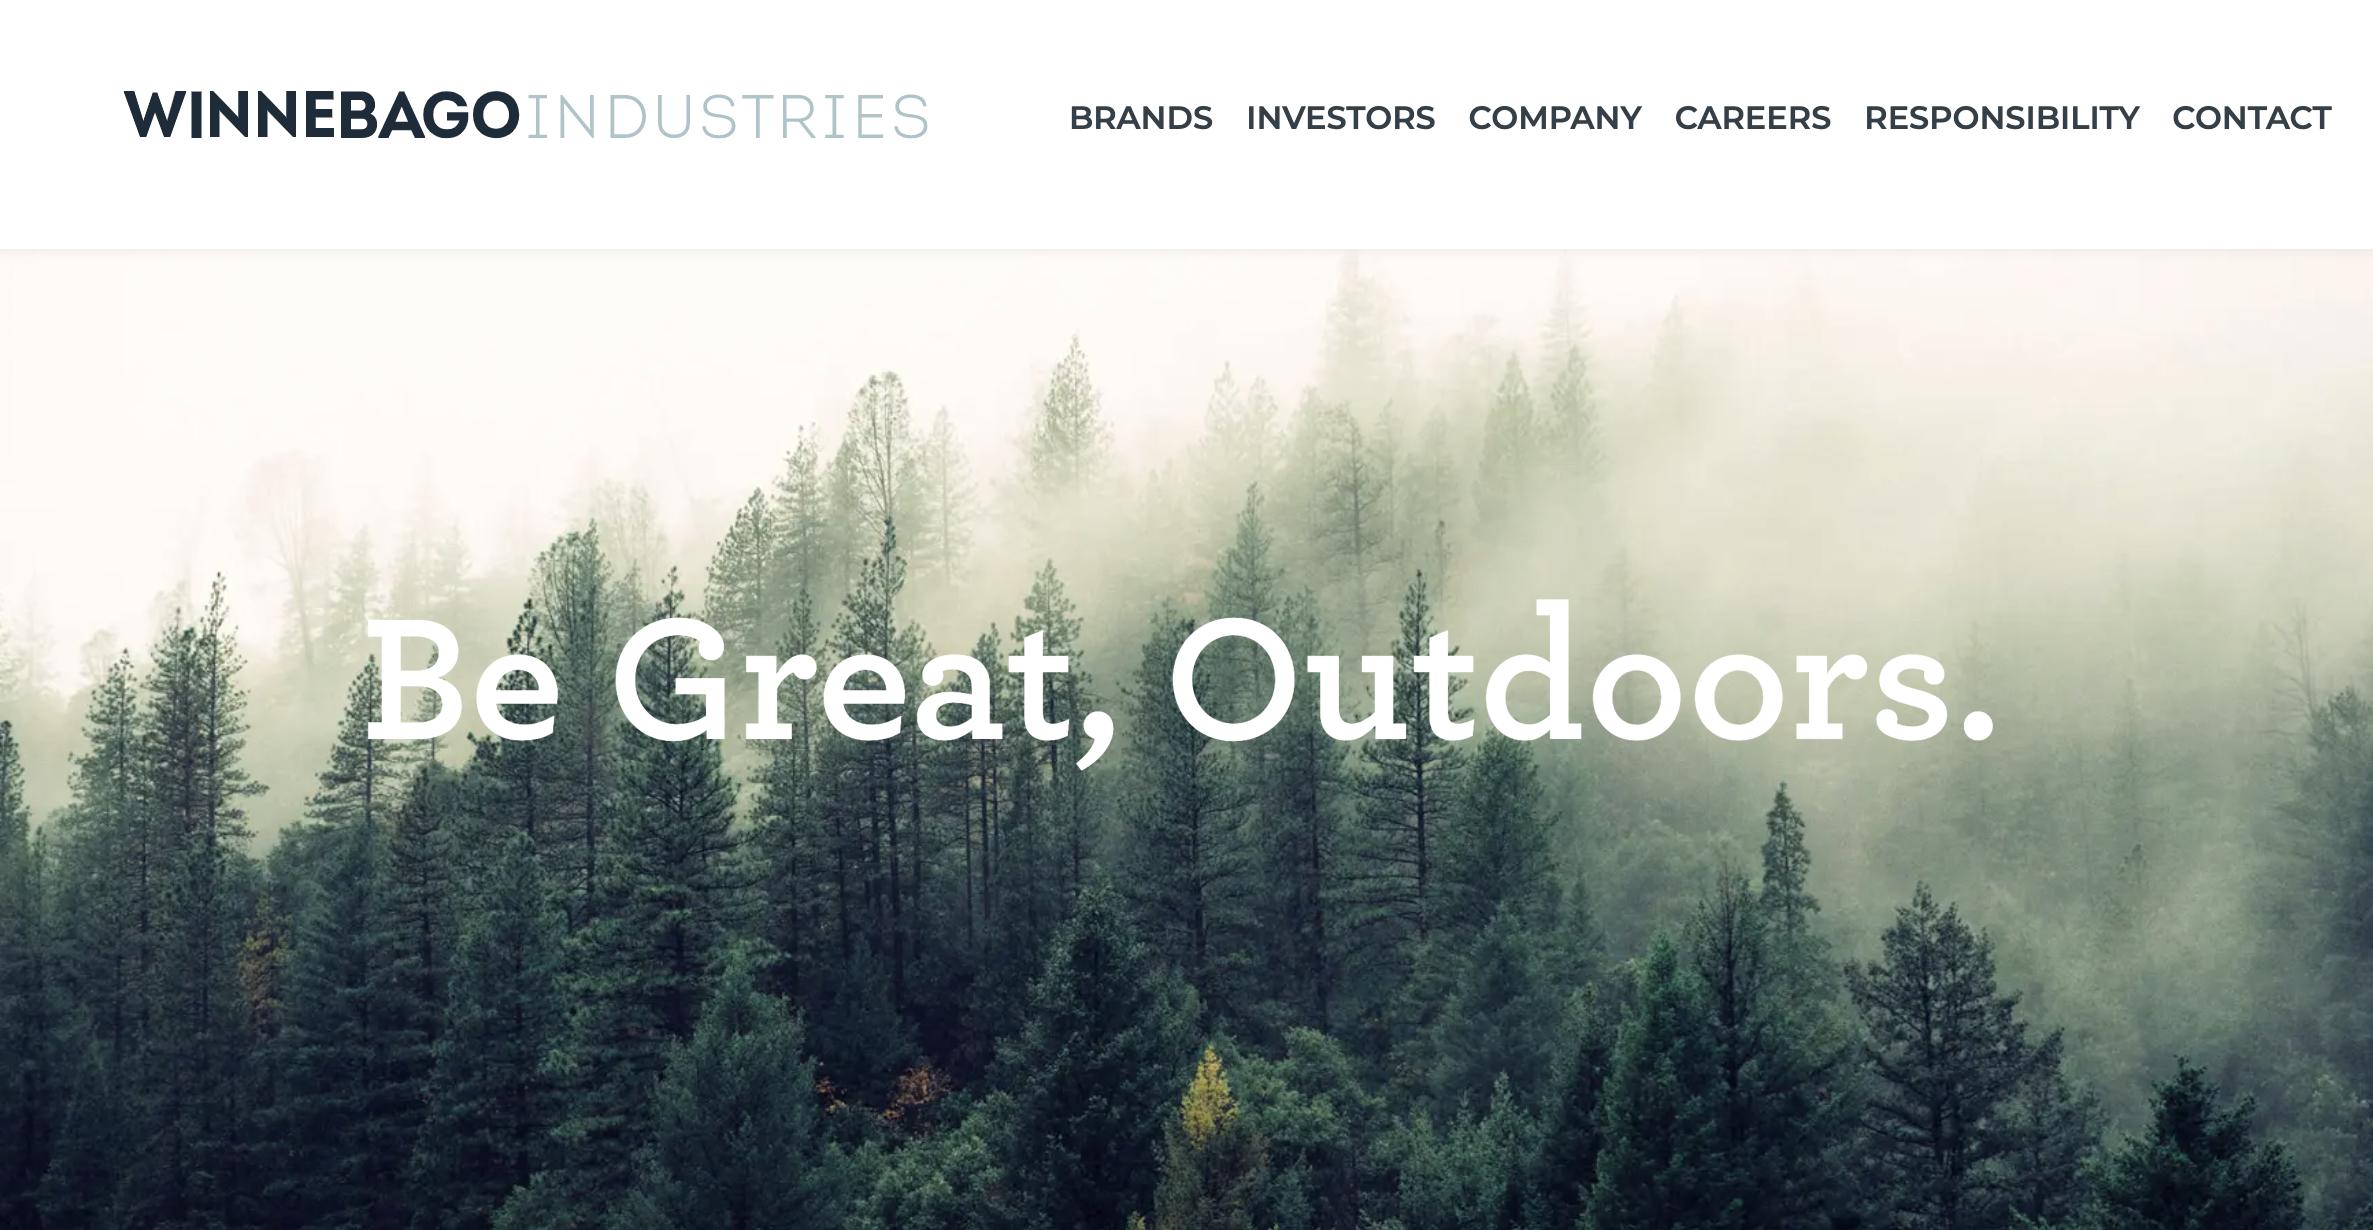 Screen grab from Winnebago Industries' new website